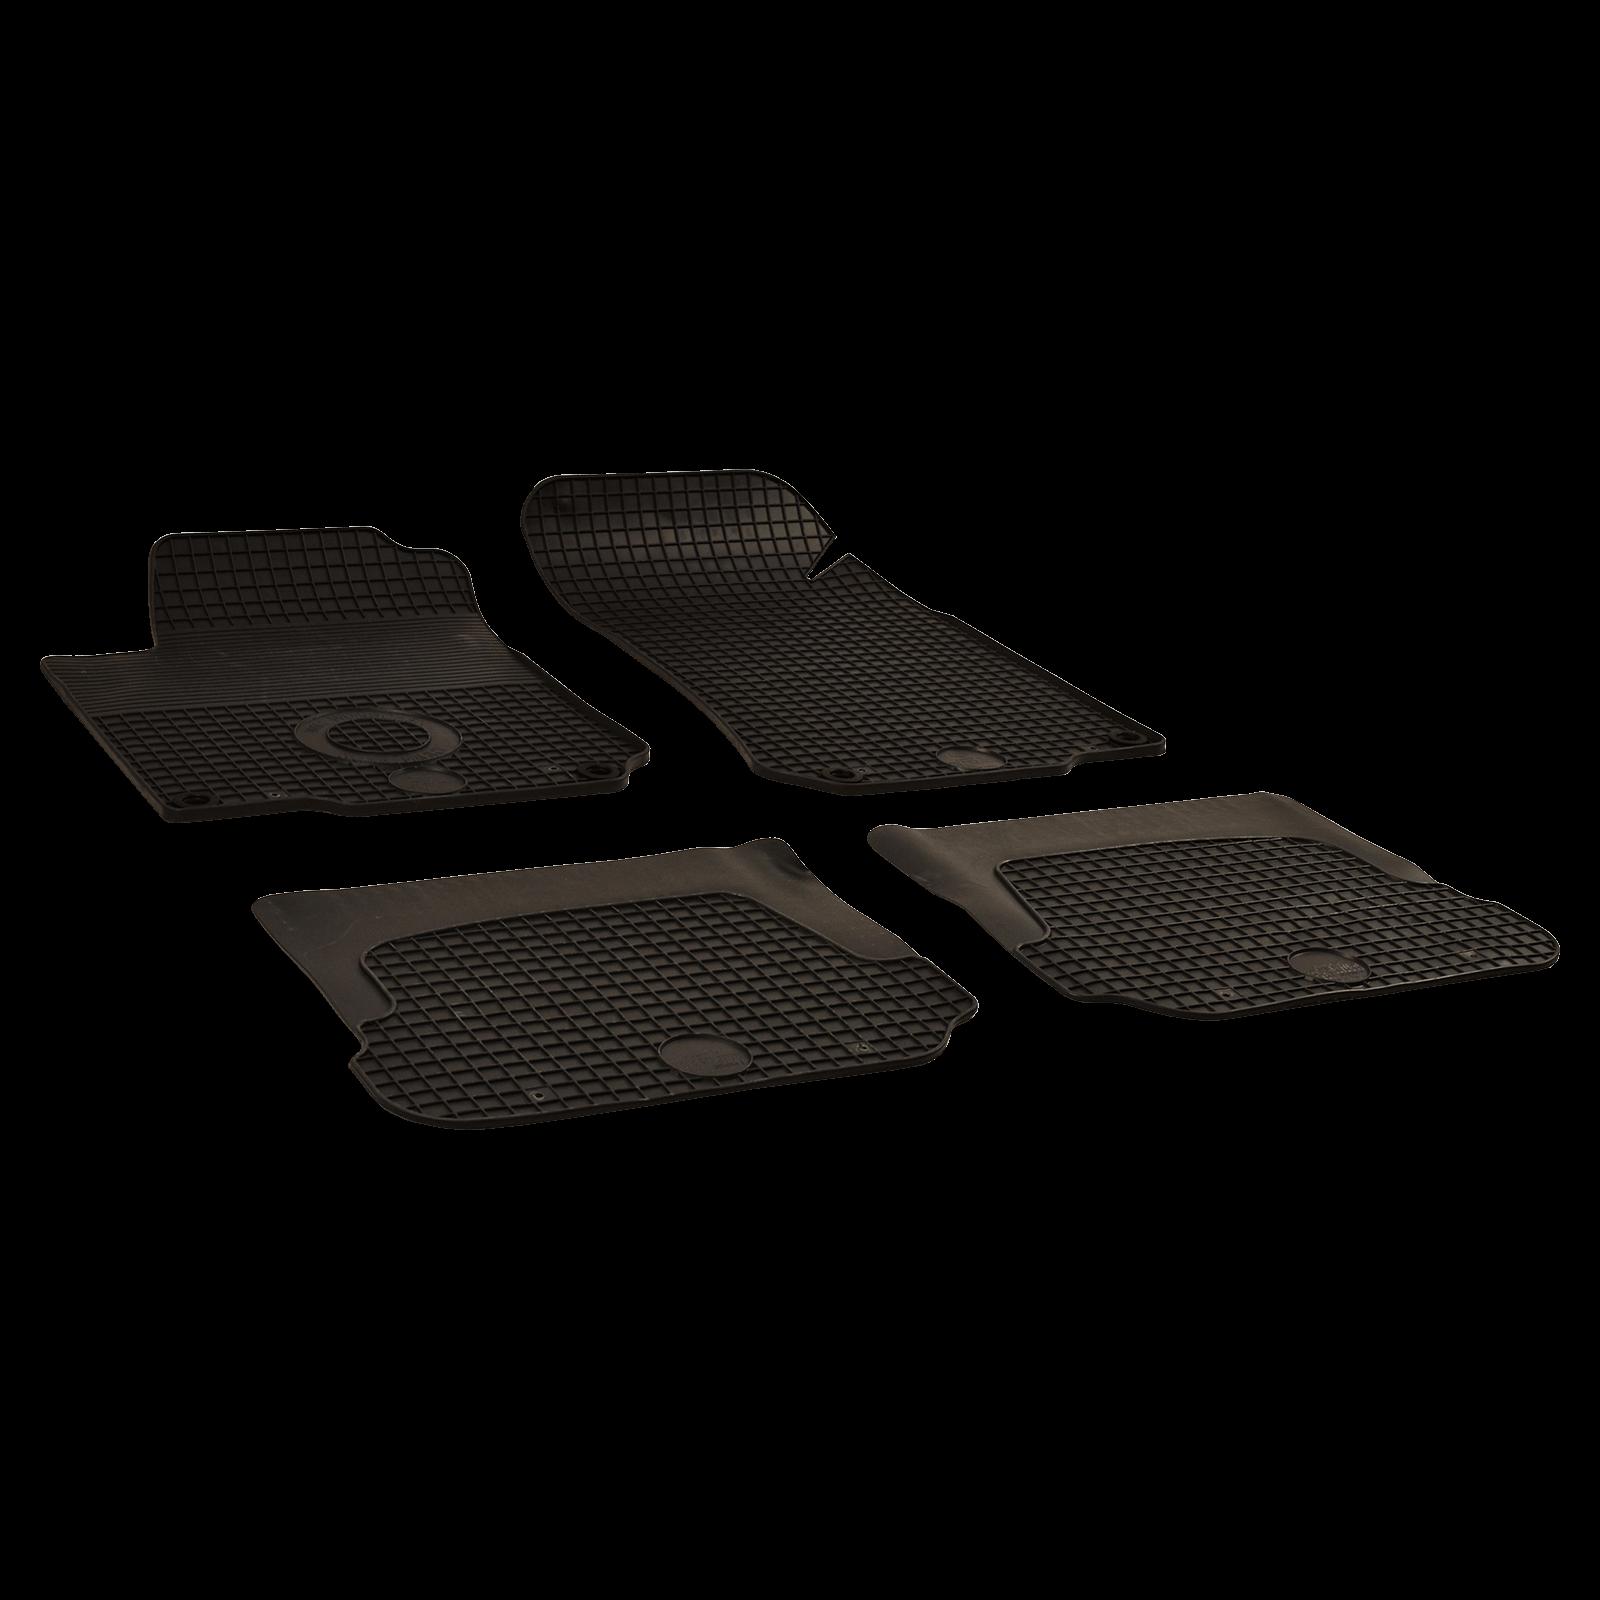 tapis de sol en caoutchouc anthracite pour vw golf iv variant bj. Black Bedroom Furniture Sets. Home Design Ideas